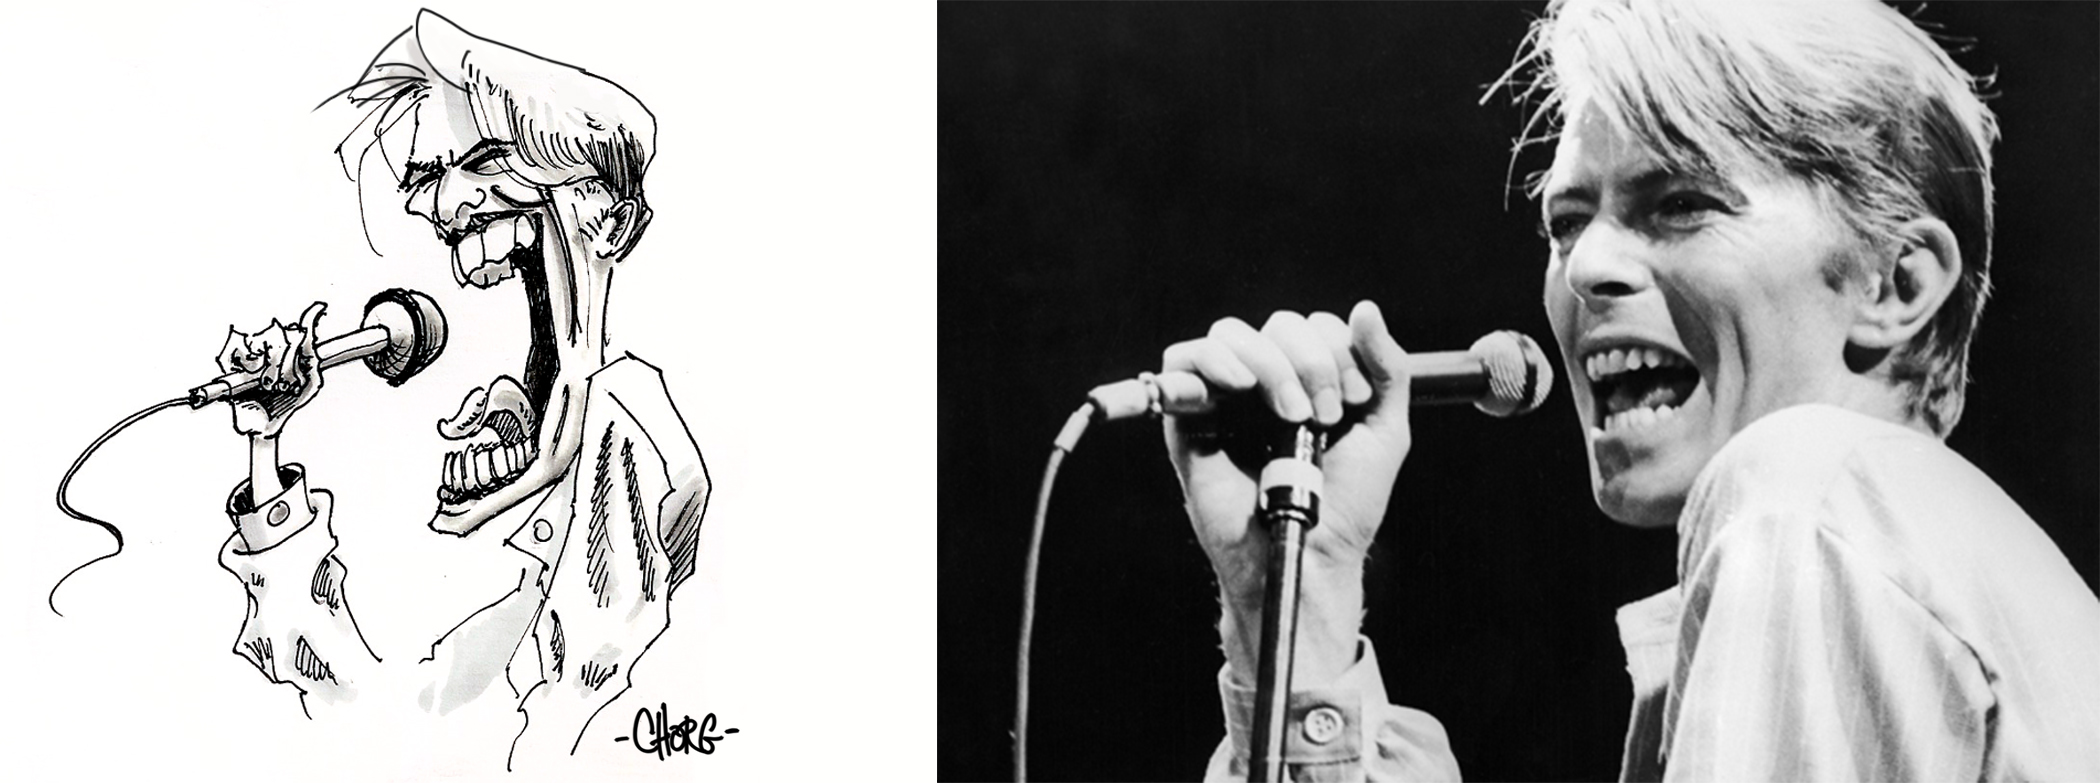 D.Bowie.